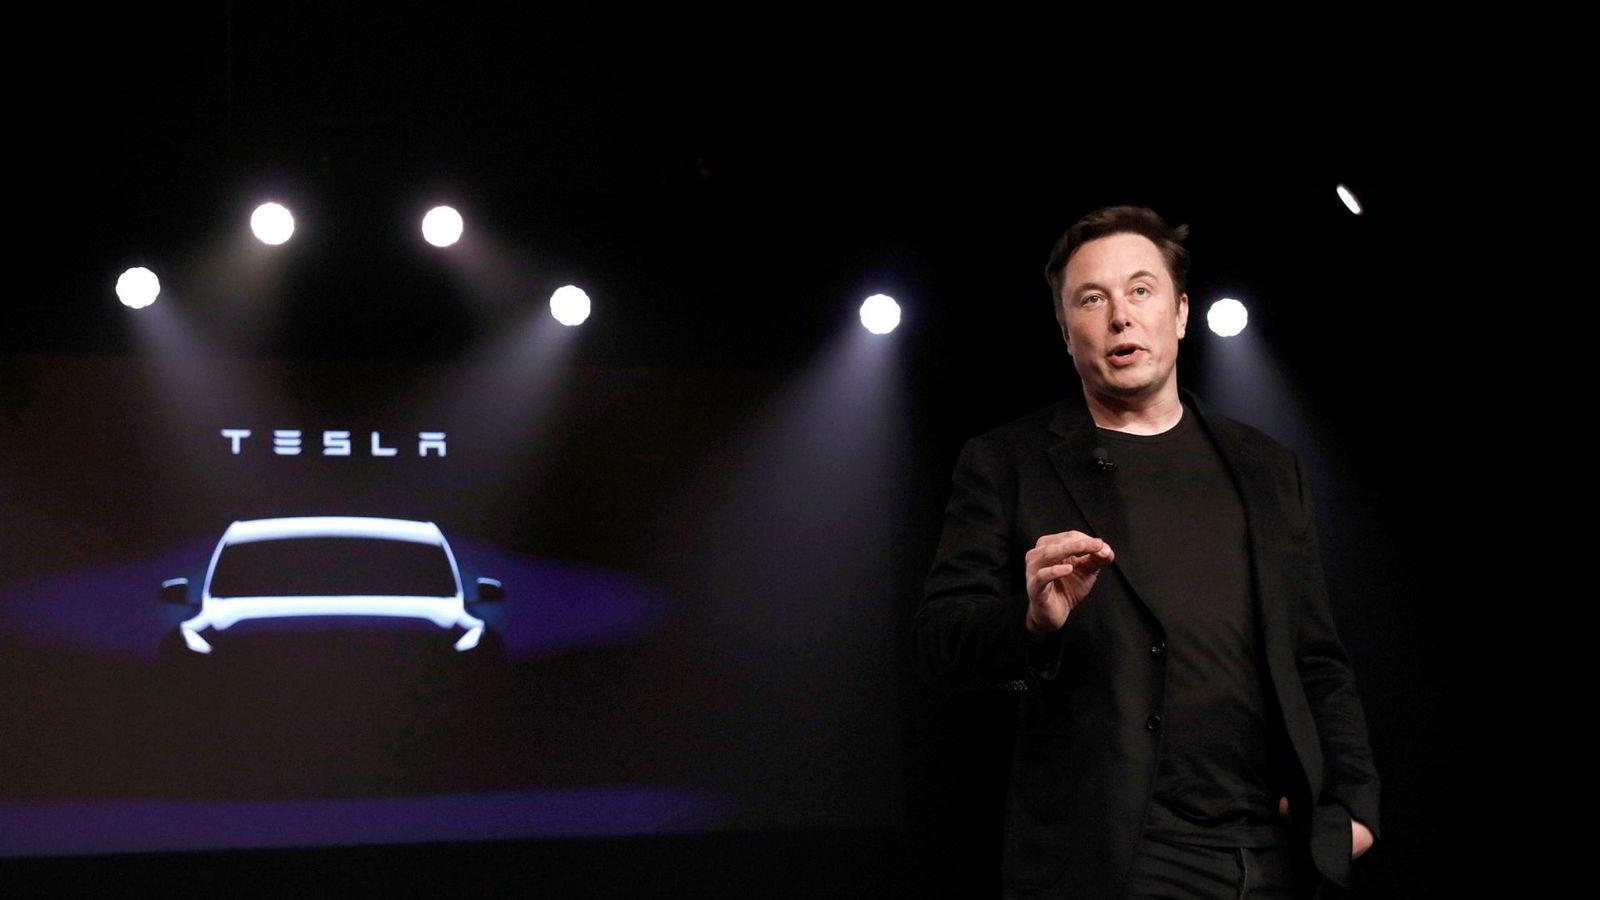 Tesla-gründer Elon Musk står også bak selskapet Neuralink, som jobber for å la bevegelseshemmede styre maskiner og elektronikk med hjernen.